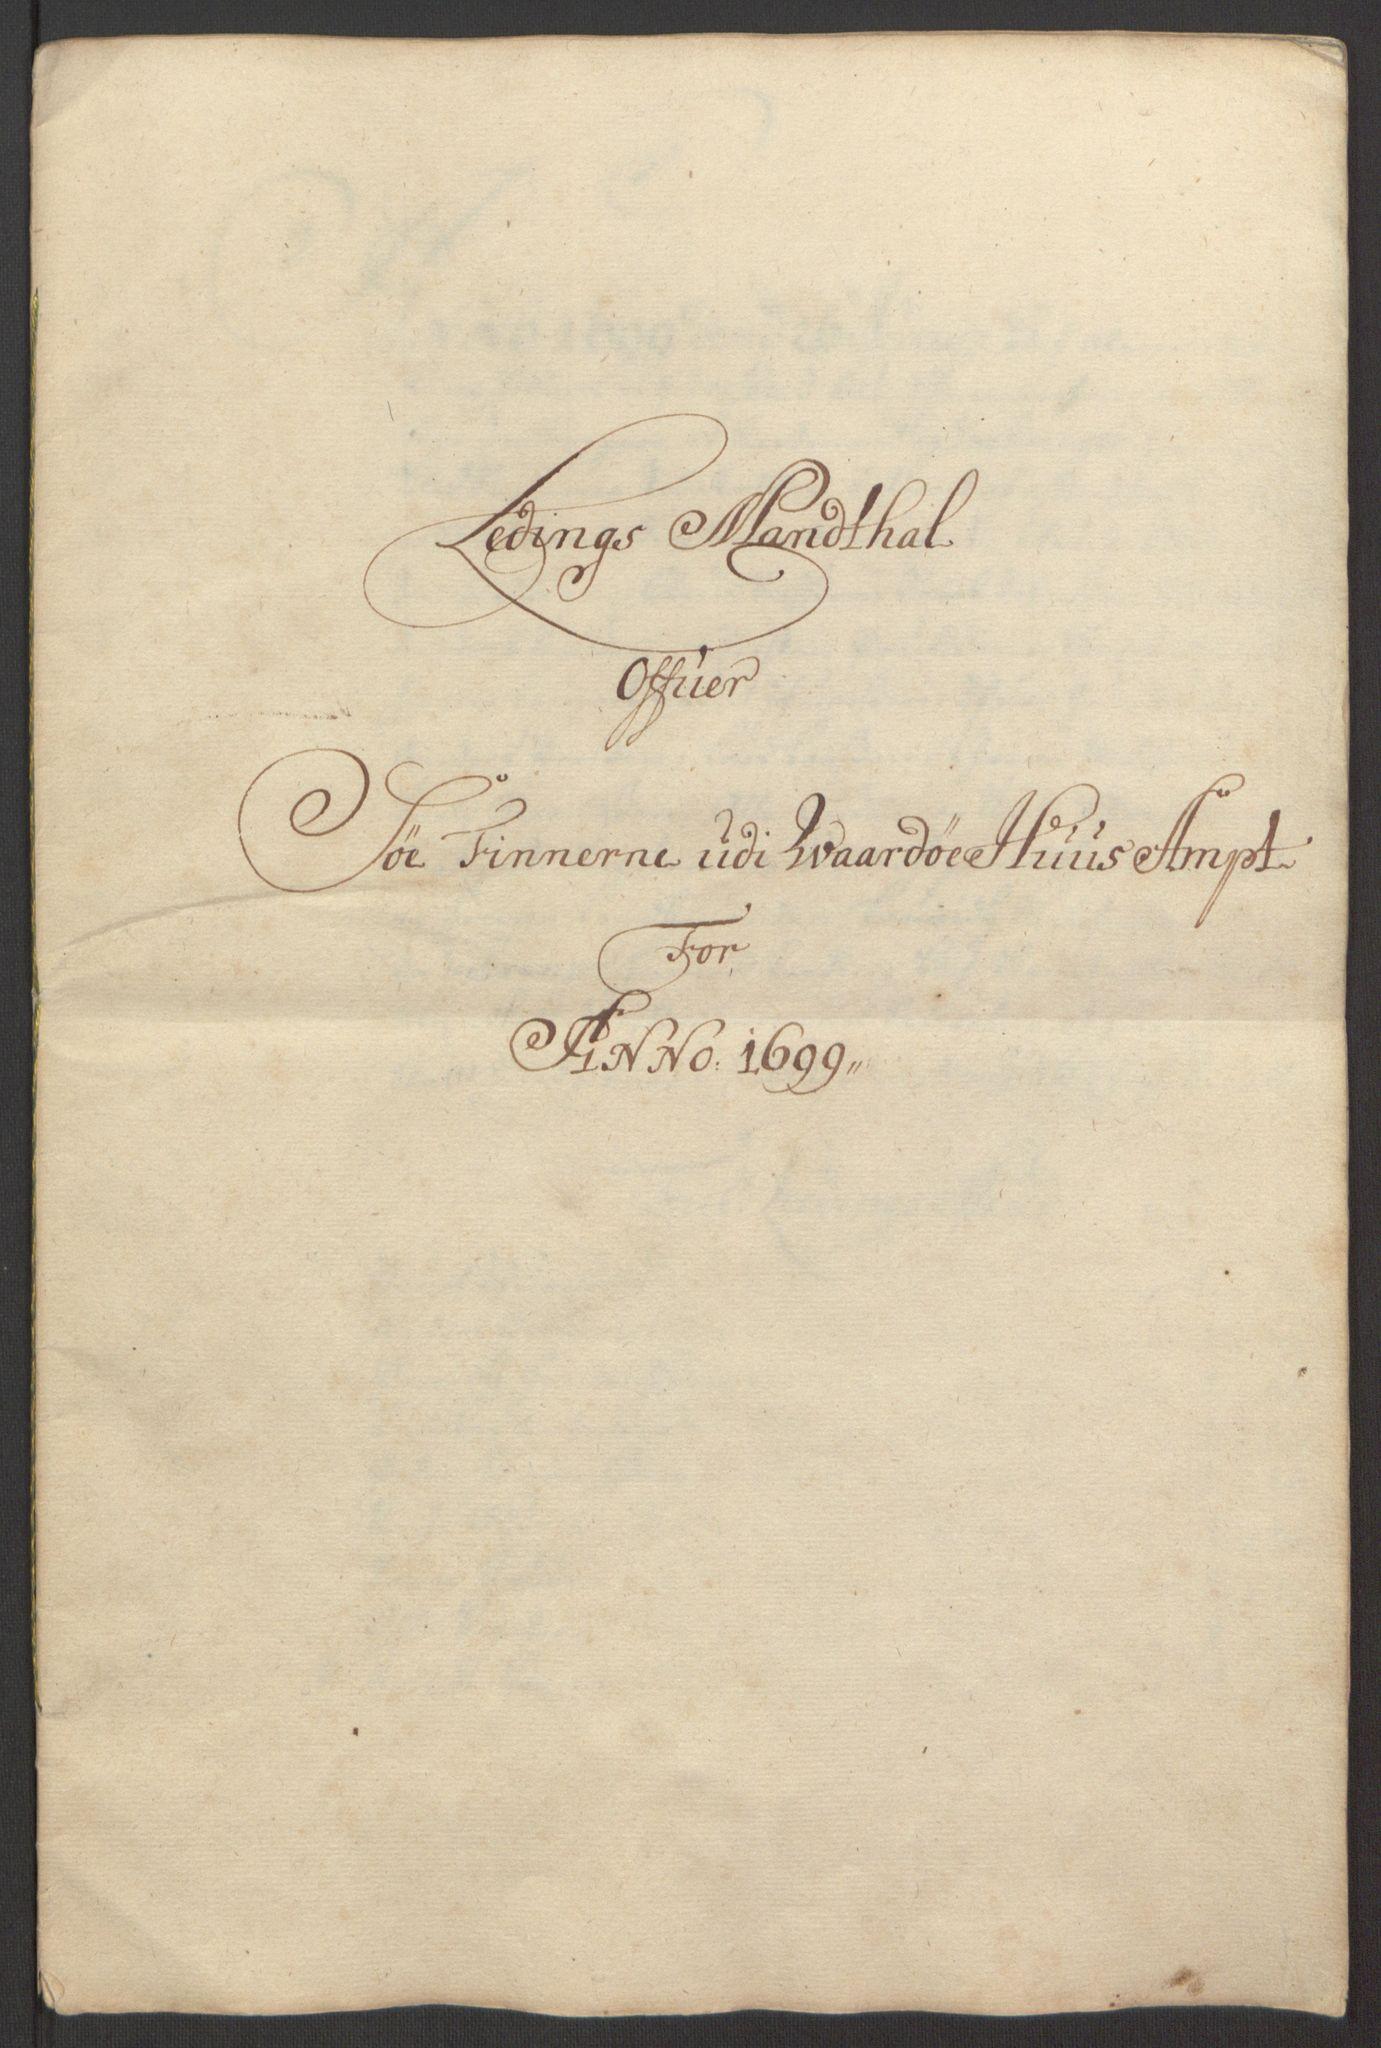 RA, Rentekammeret inntil 1814, Reviderte regnskaper, Fogderegnskap, R69/L4851: Fogderegnskap Finnmark/Vardøhus, 1691-1700, s. 402